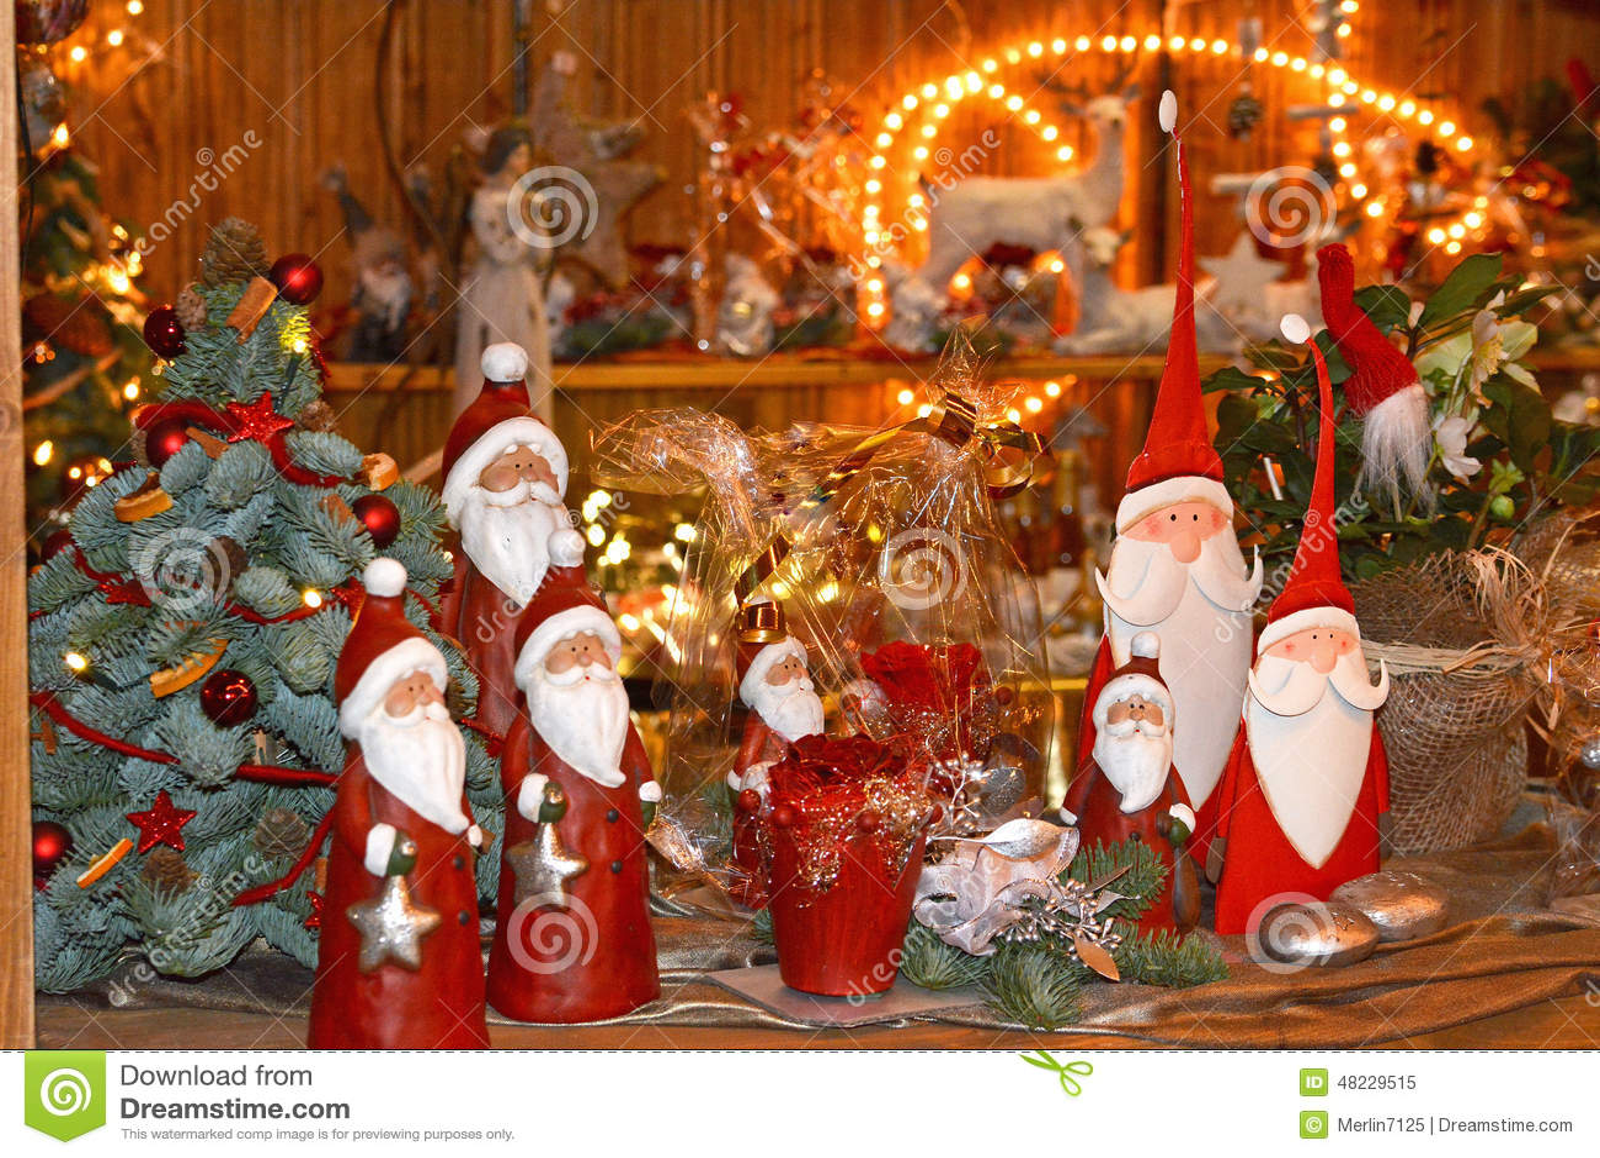 Подарки и игрушки на рождественской ярмарке